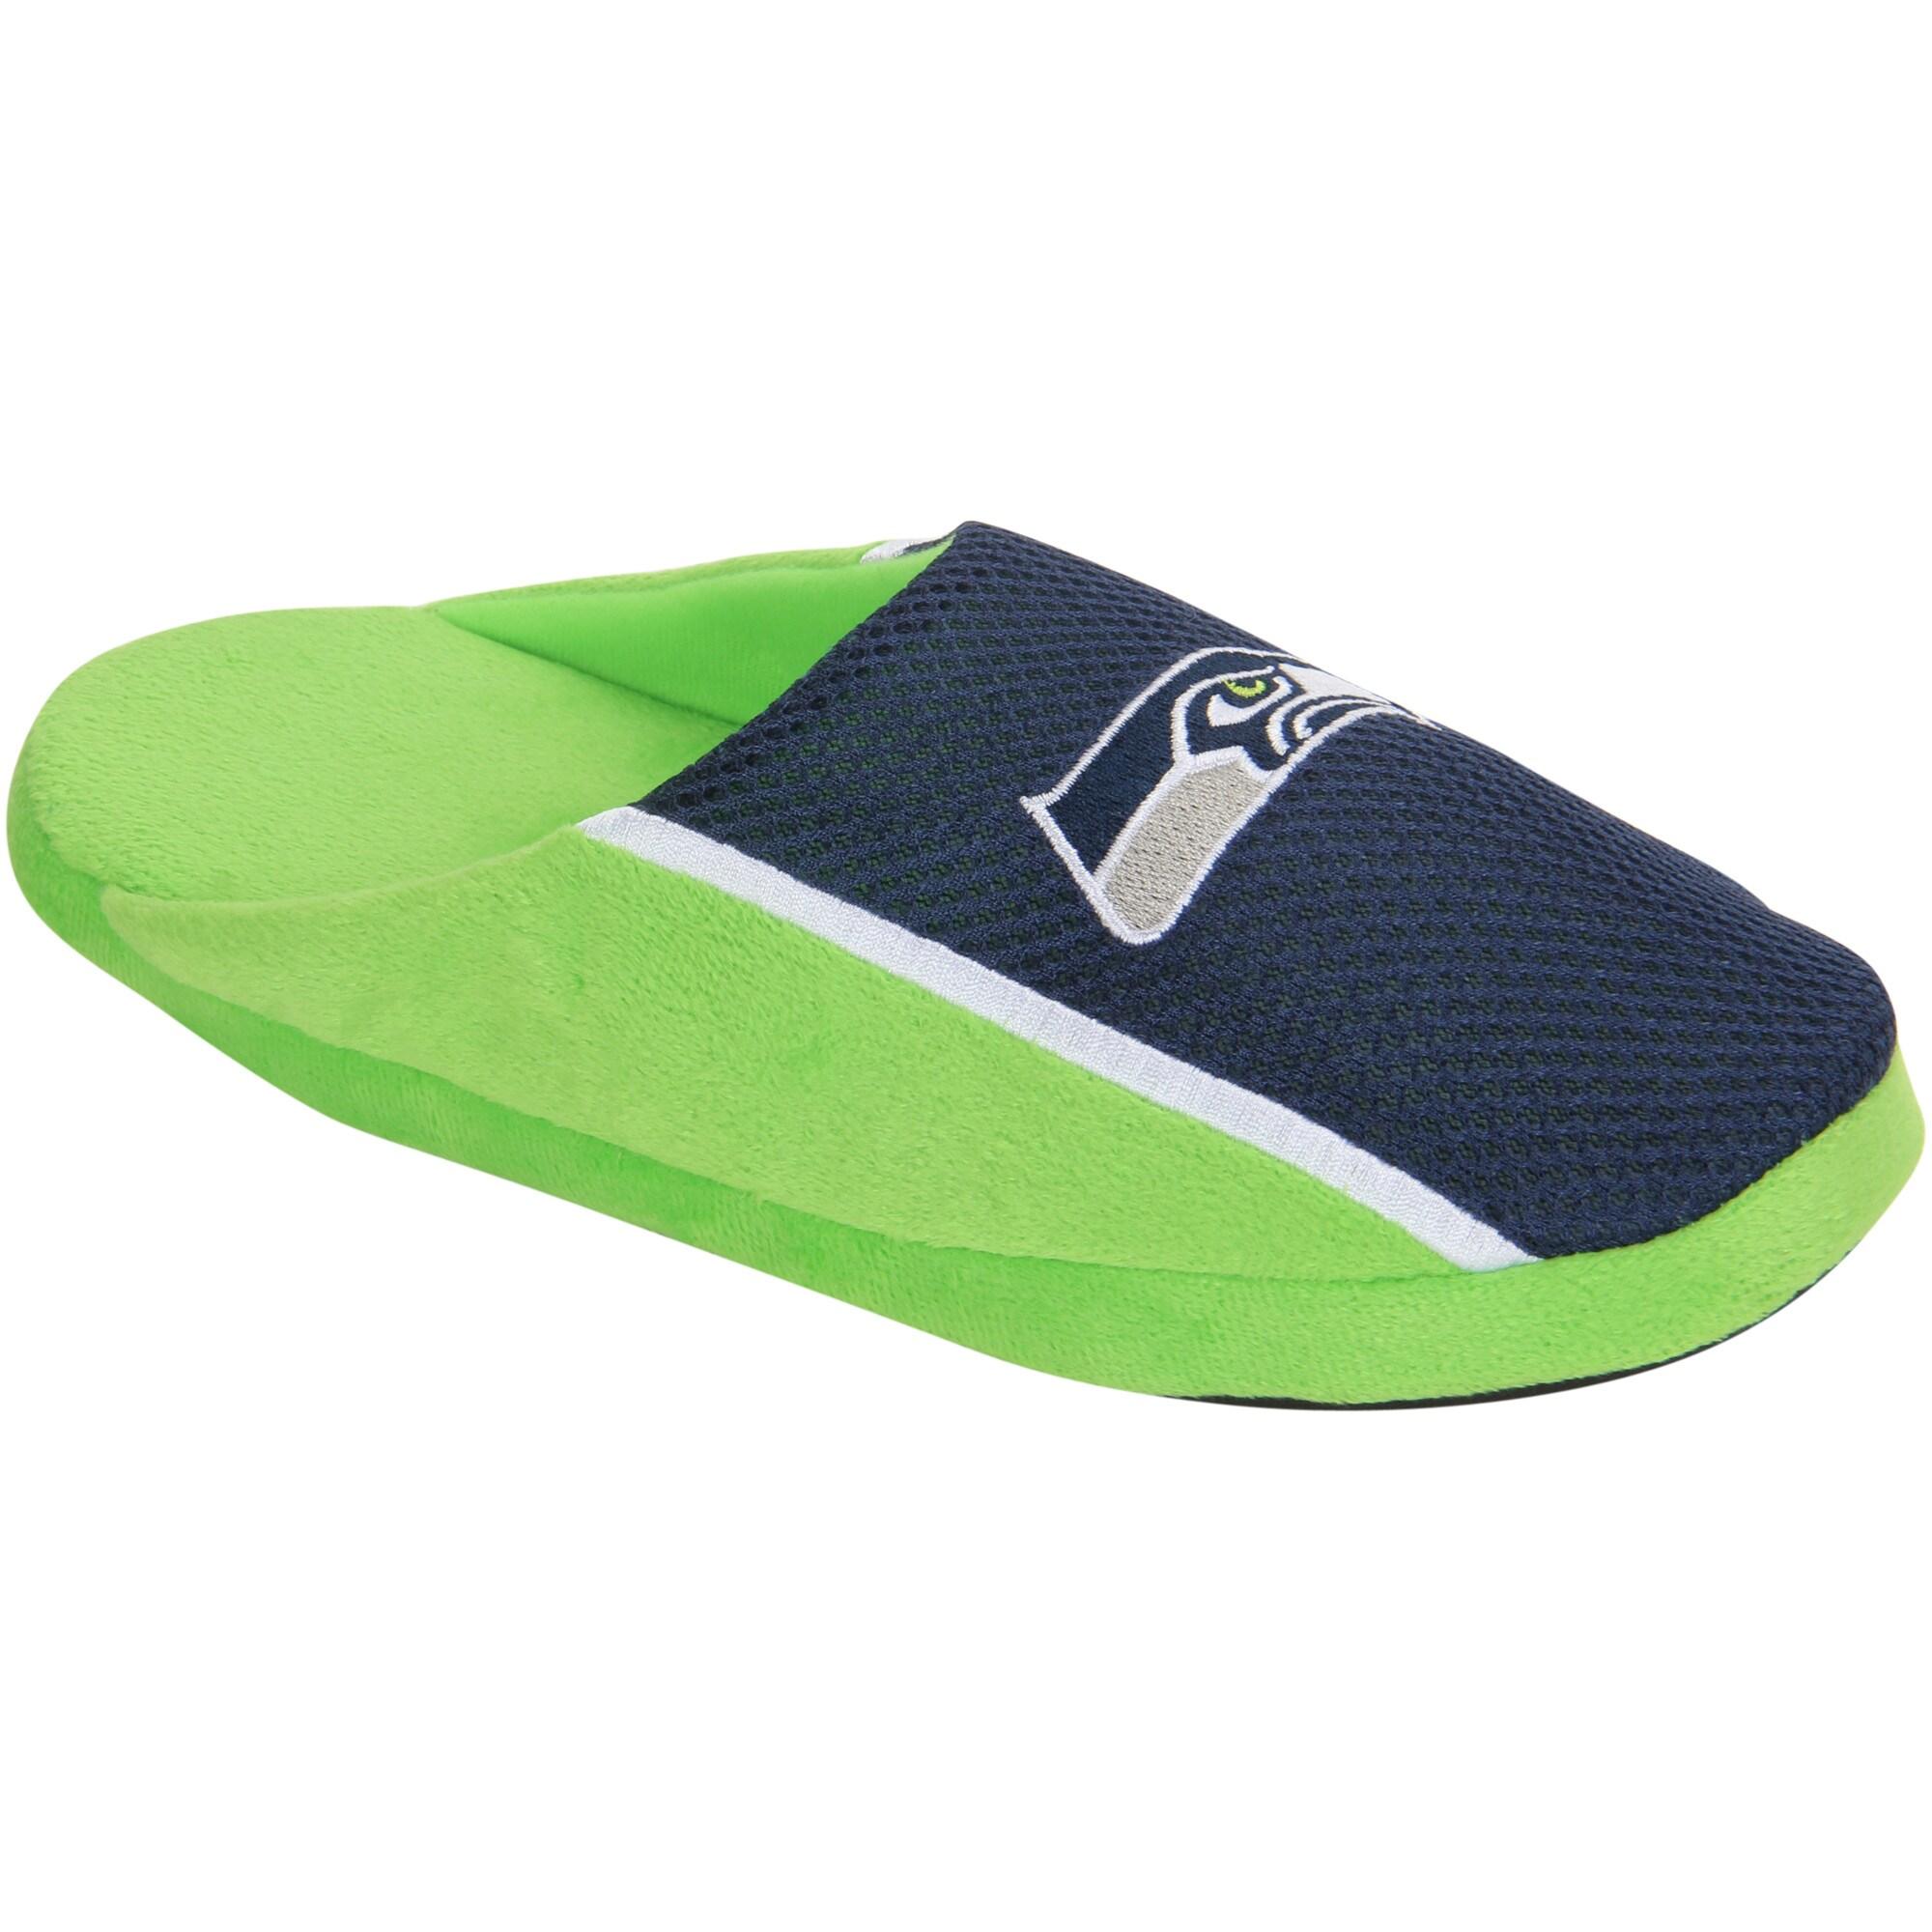 Seattle Seahawks Jersey Slide Slippers